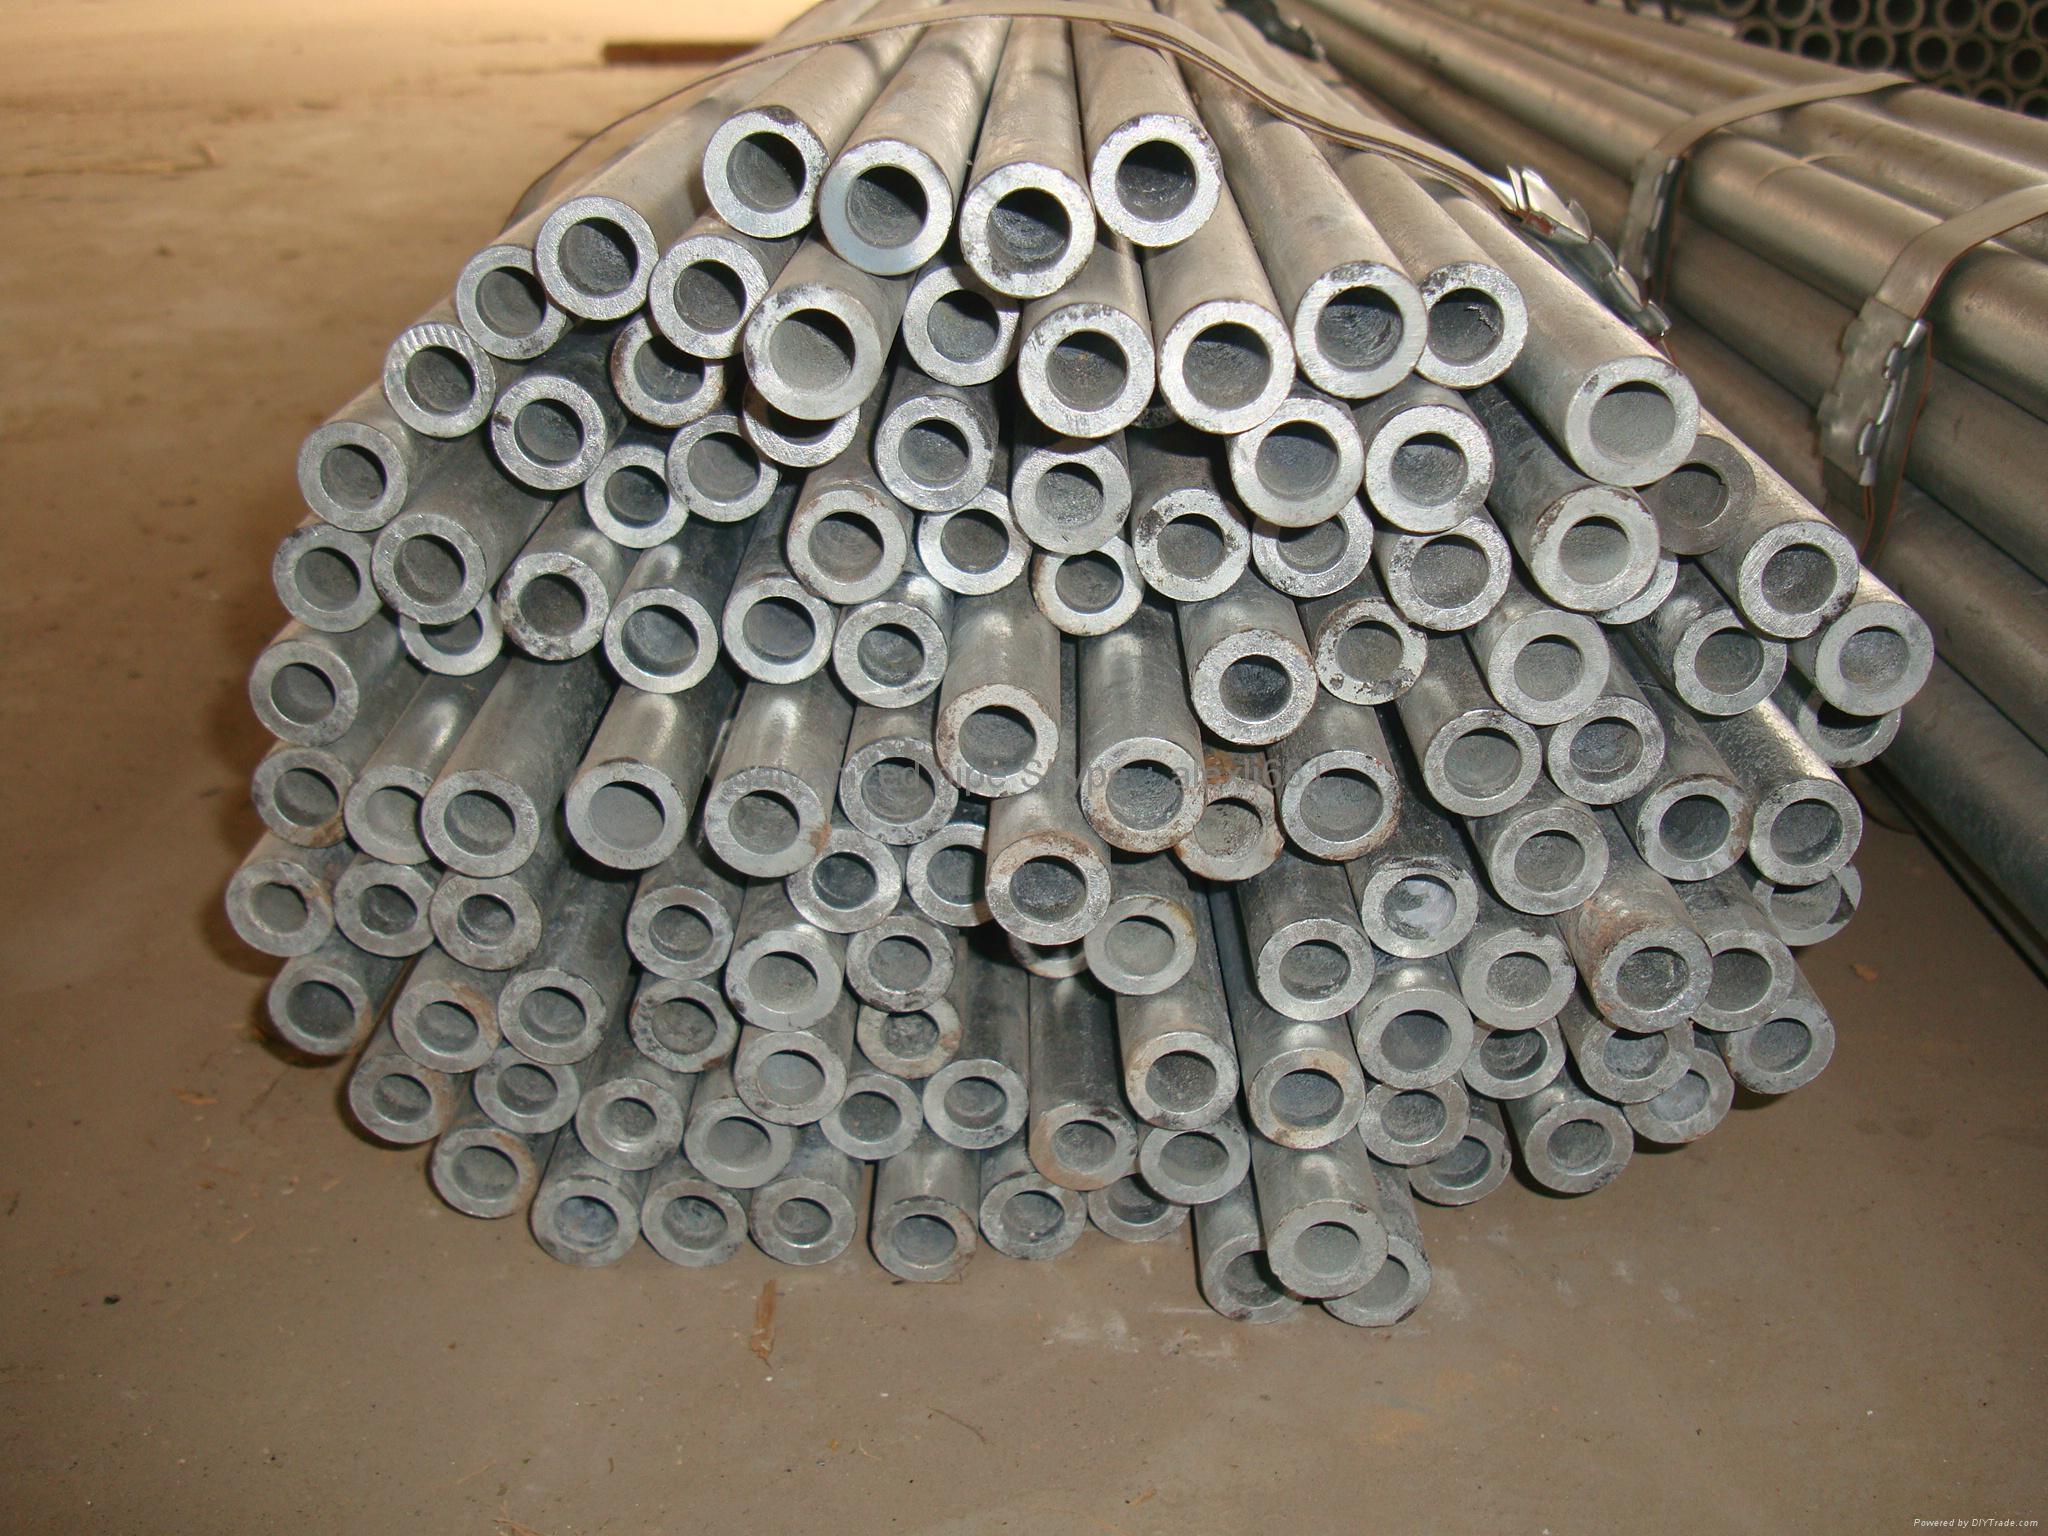 鍍鋅管,方管,矩形管,高頻鍍鋅鋼管,鍍鋅焊管,鍍鋅無縫管 18